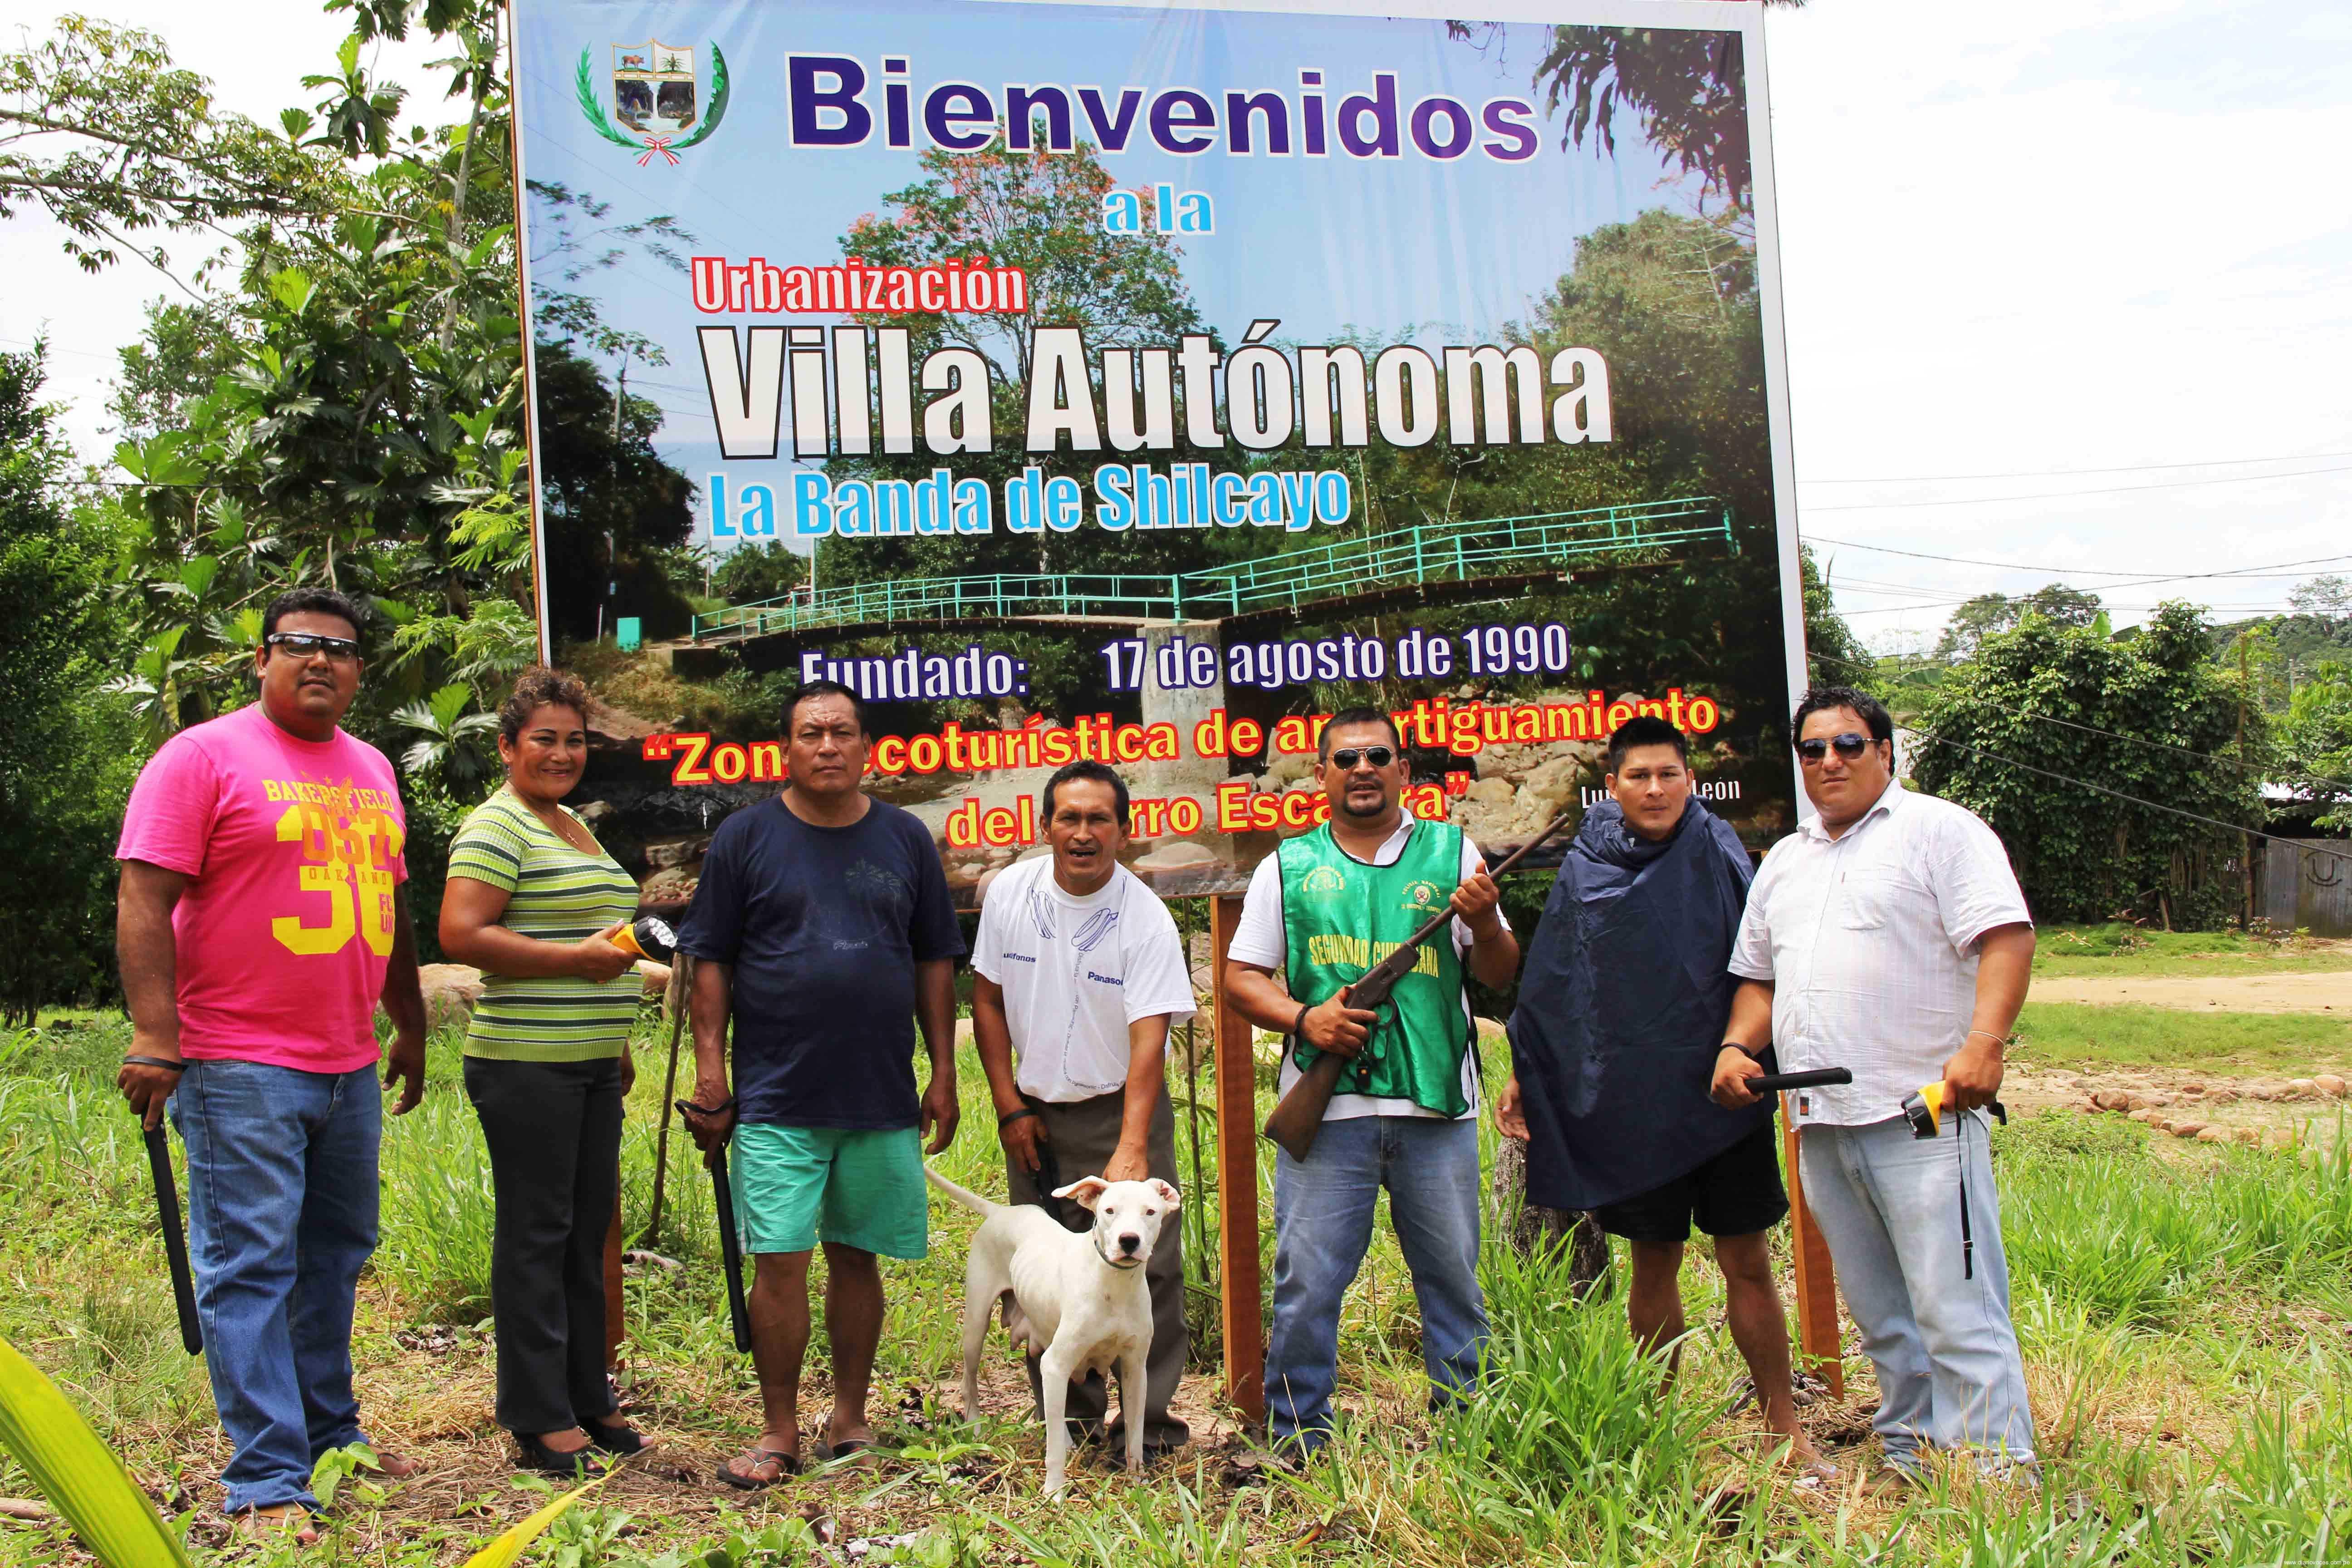 Con linternas y silbatos implementan a Juntas Vecinales de Villa Autónoma